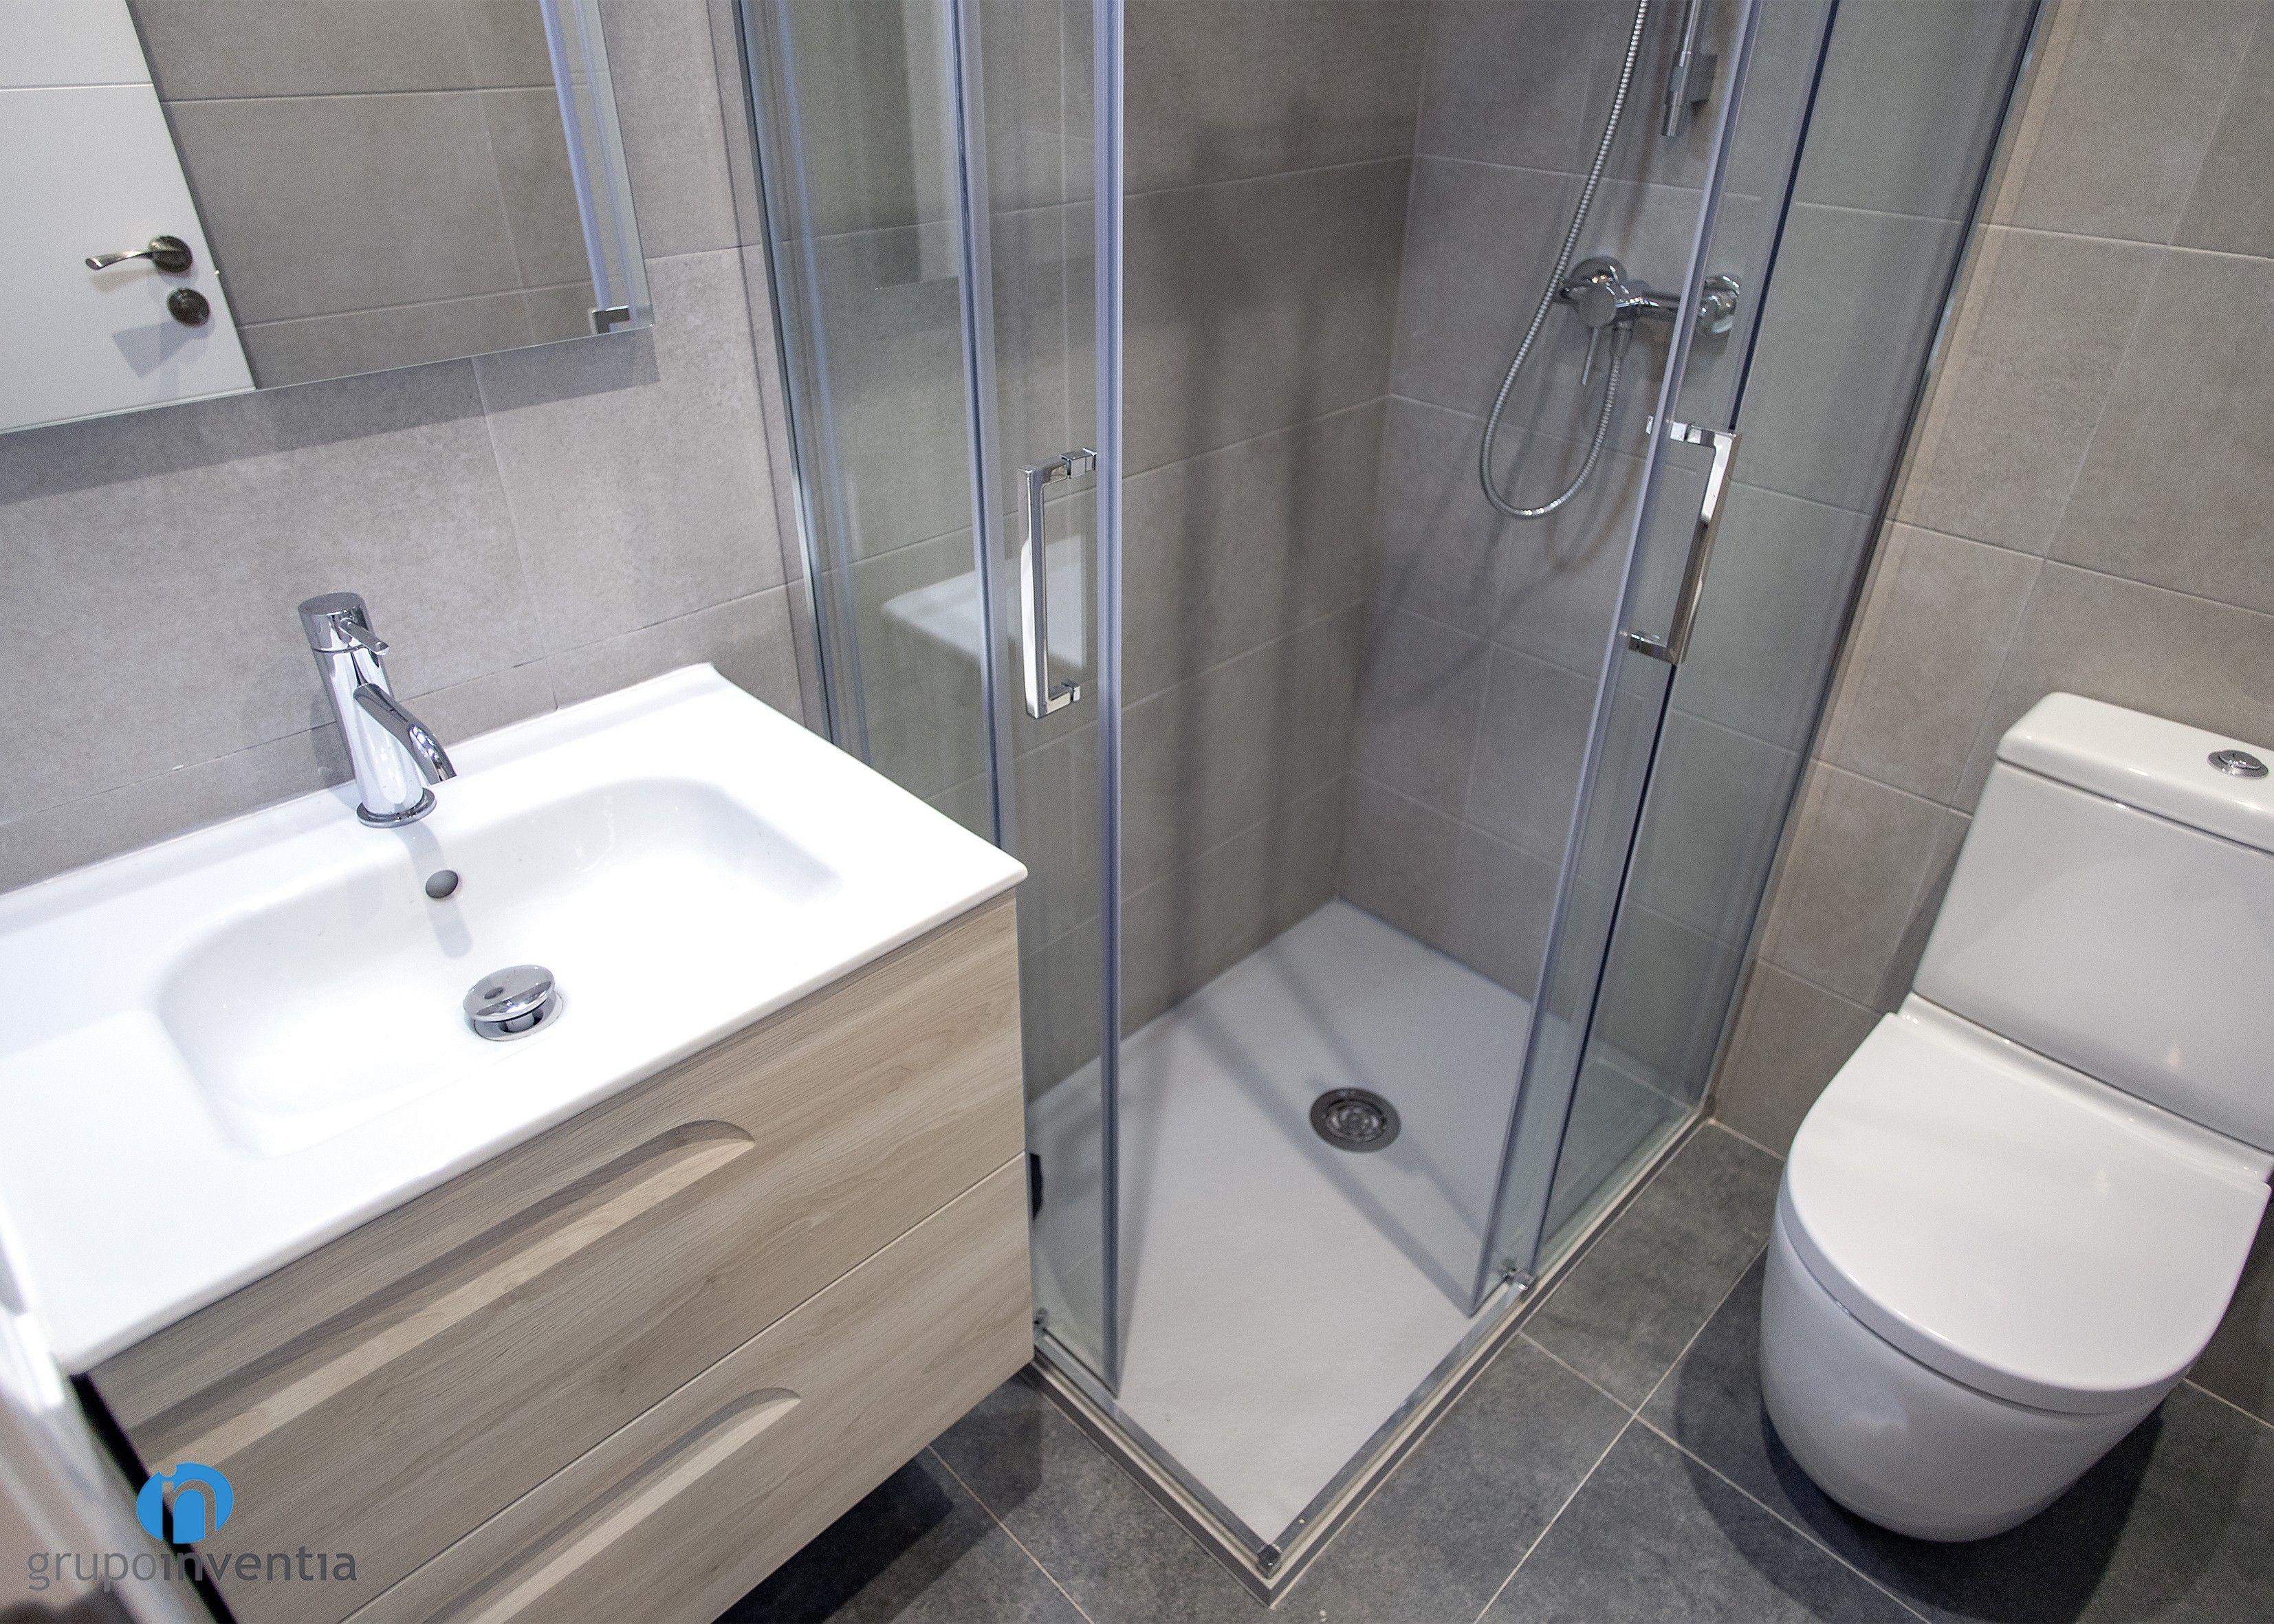 Reforma de baño | Cuartos de baño, Interiores, Lavabos